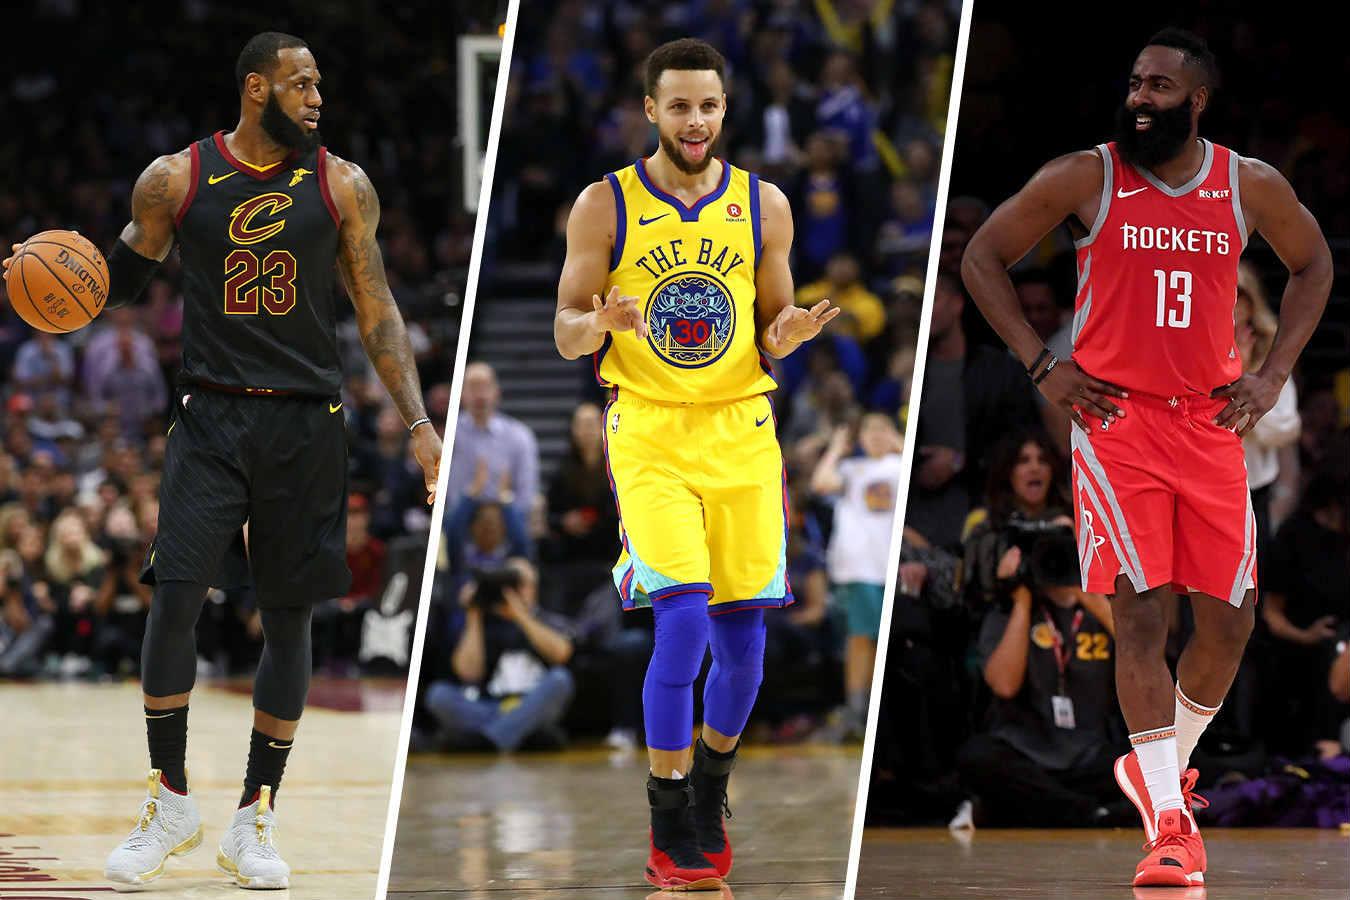 Luchshie basketbolisty 2020 goda rejting zvezd NBA